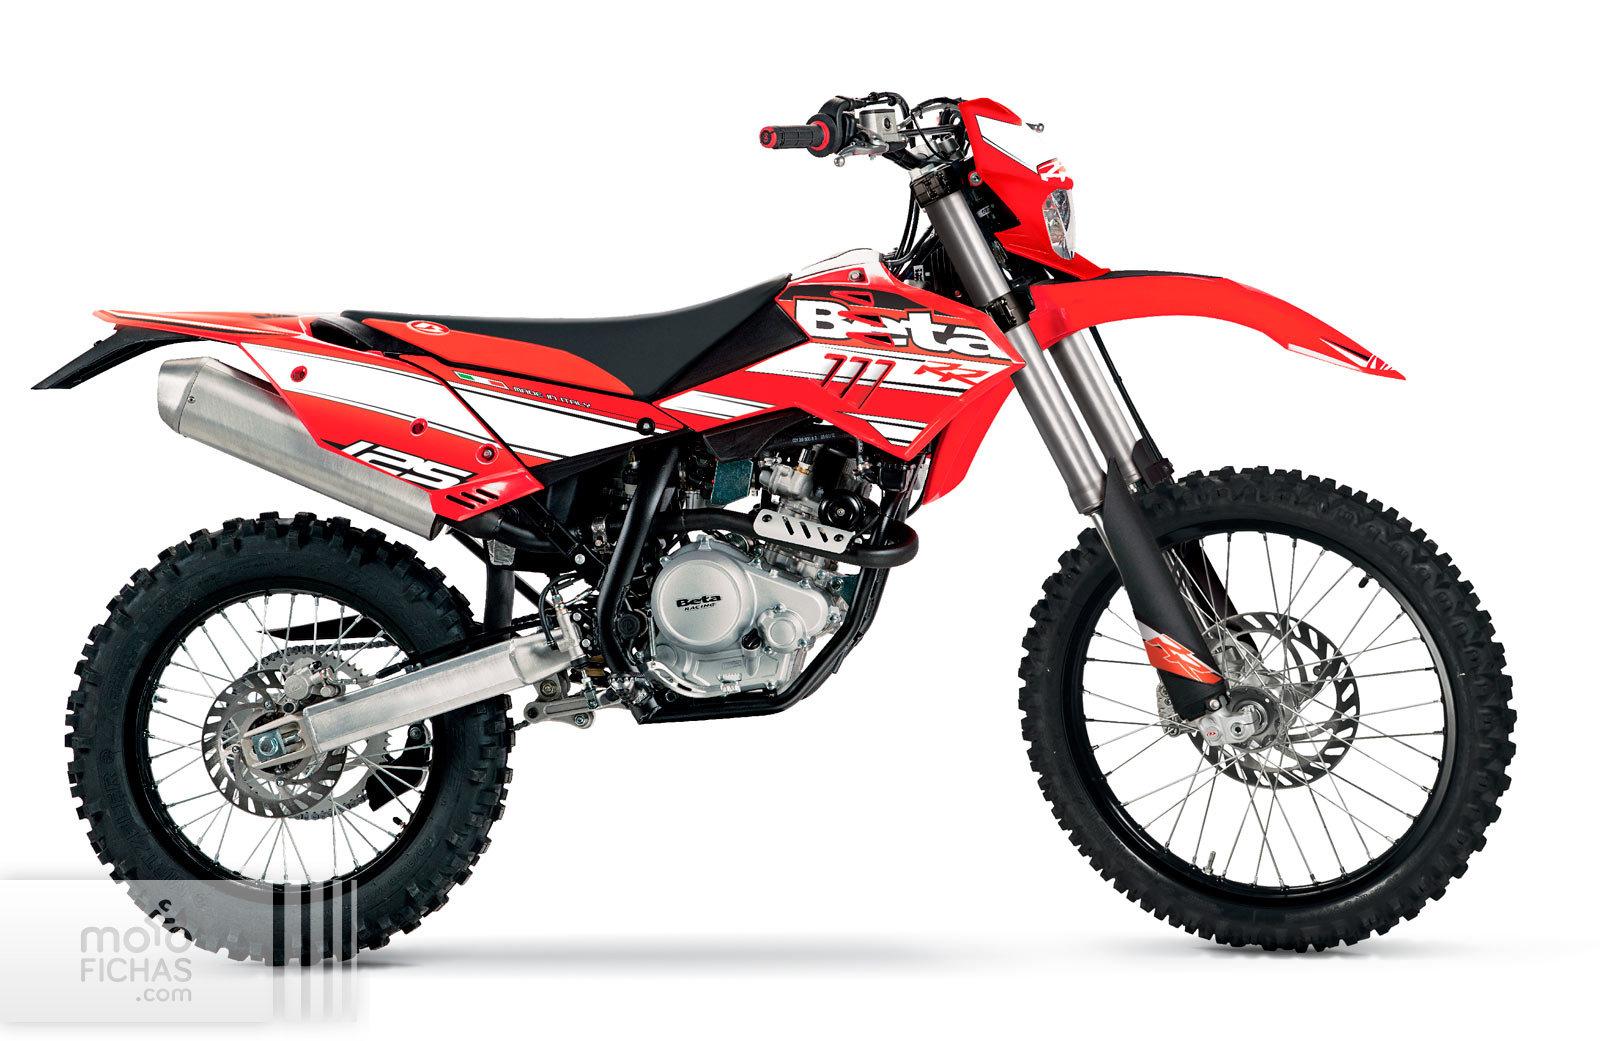 cce08525fc2 Motos Enduro. Precios Ofertas Información y Fichas